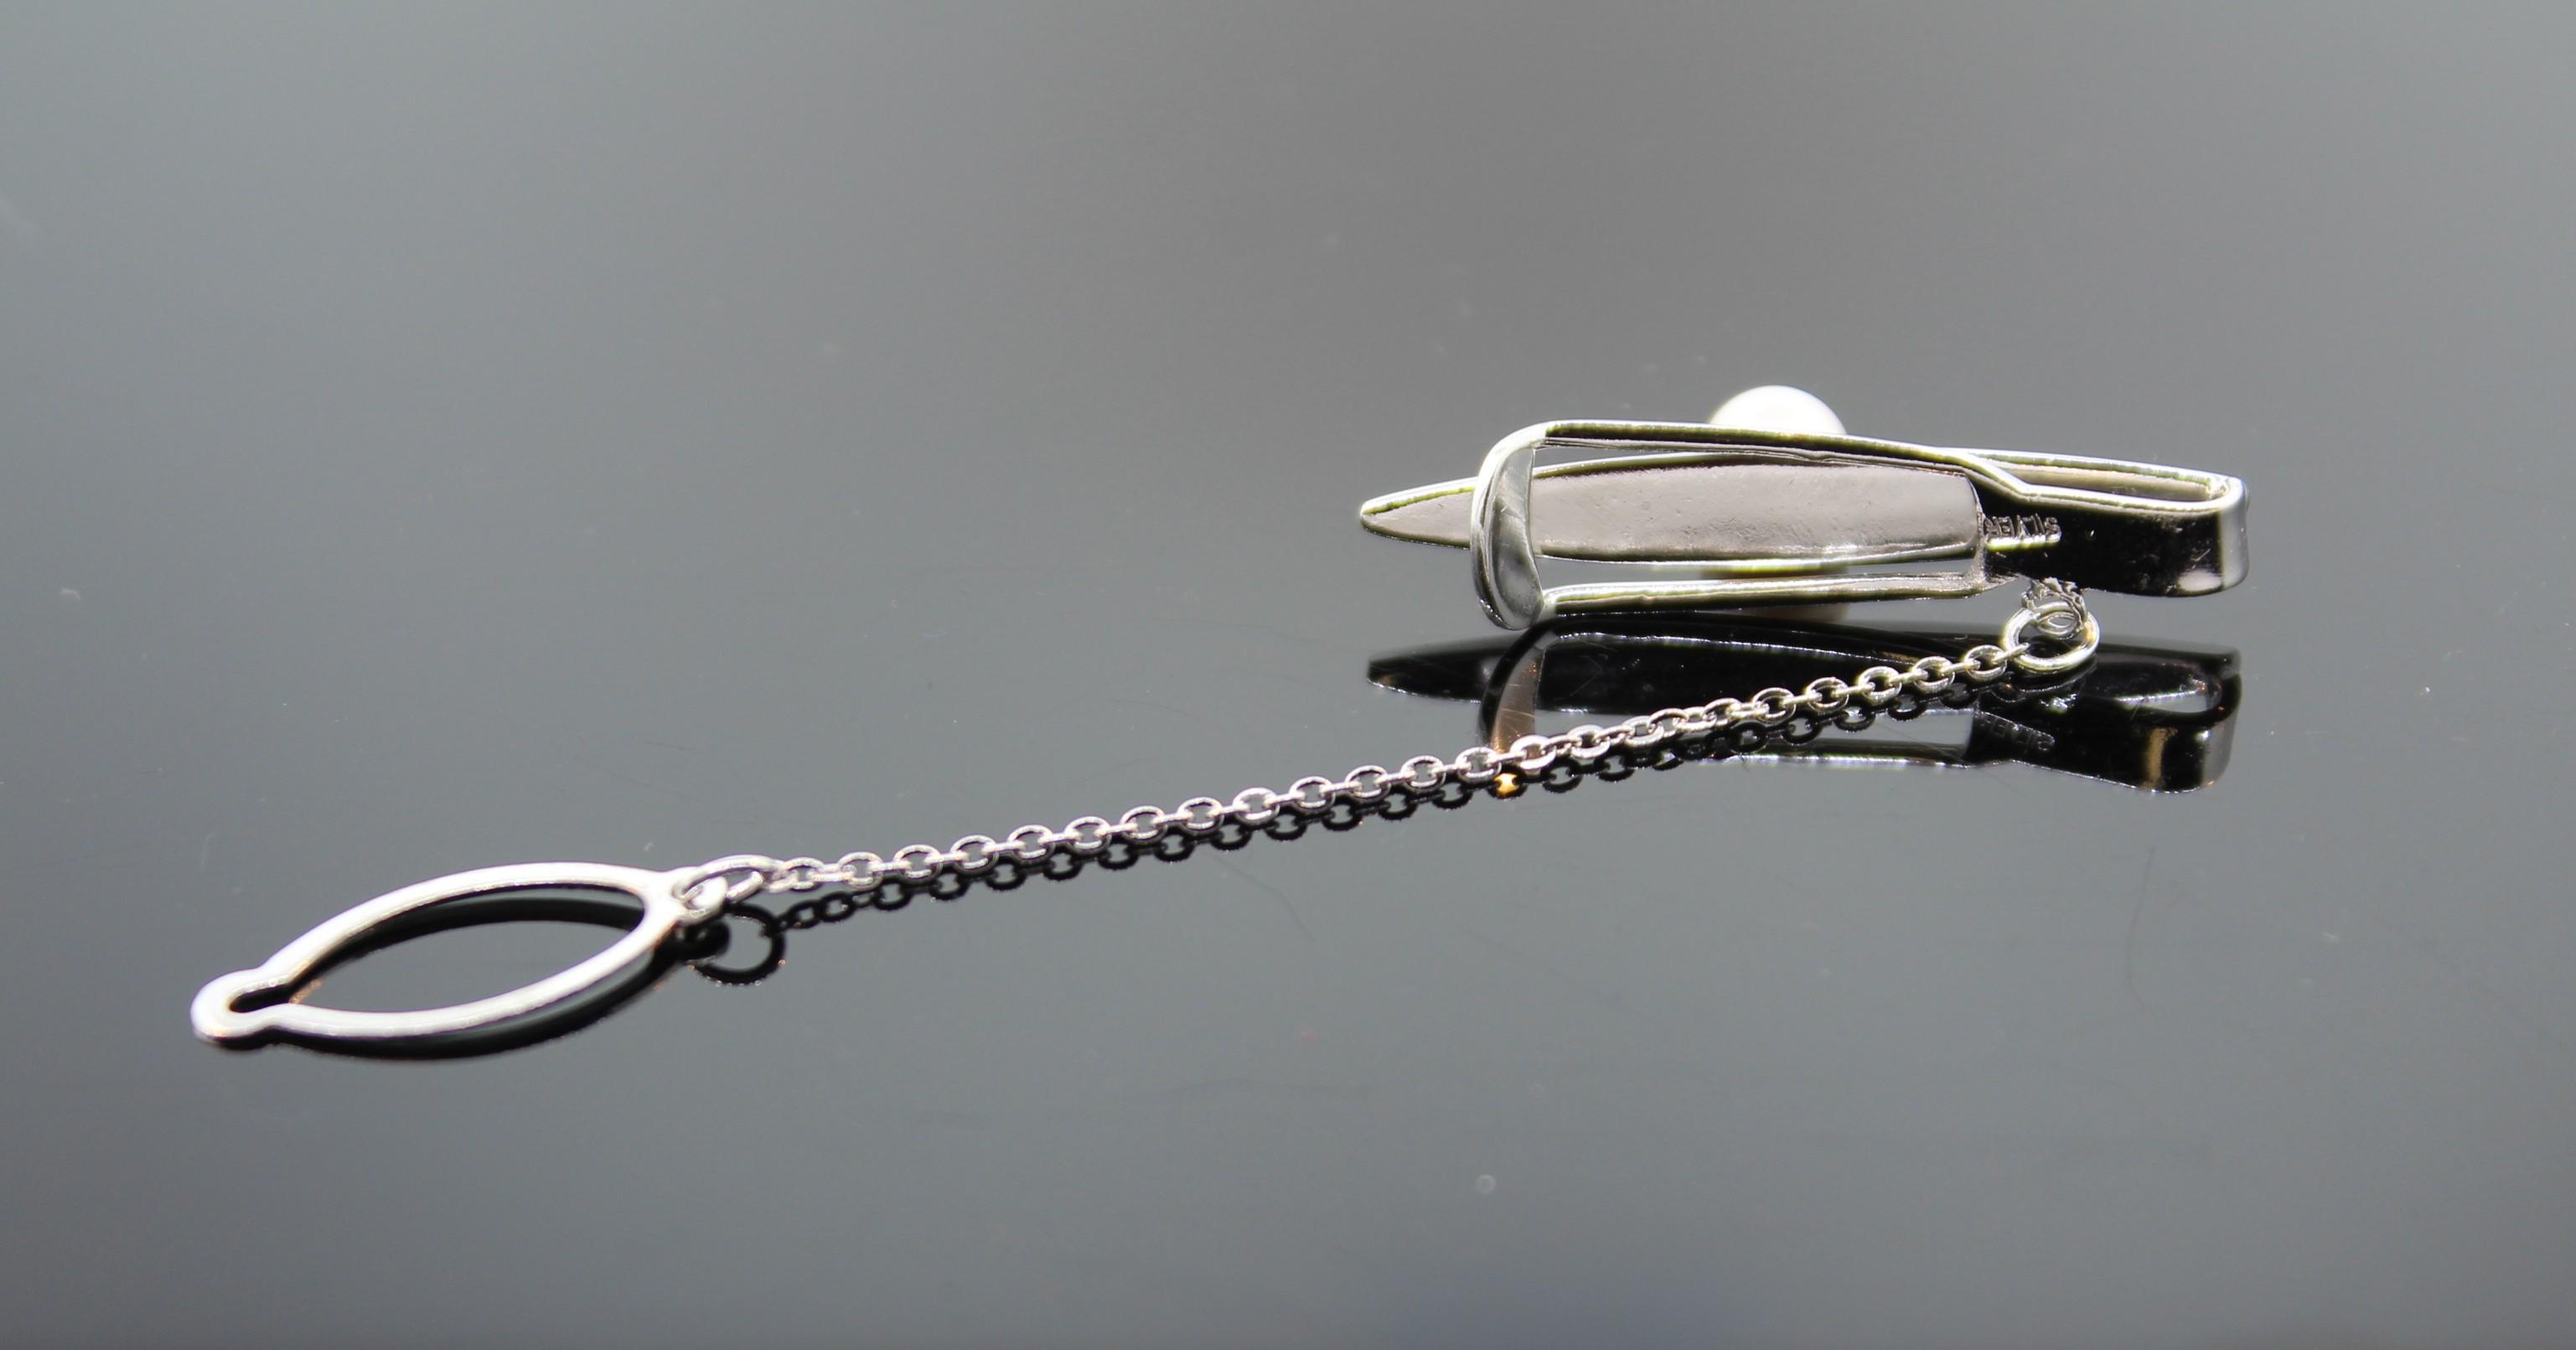 Krawattenklammer  silbern matt 2 Wahl KLS001 9T Set Manschettenknöpfe